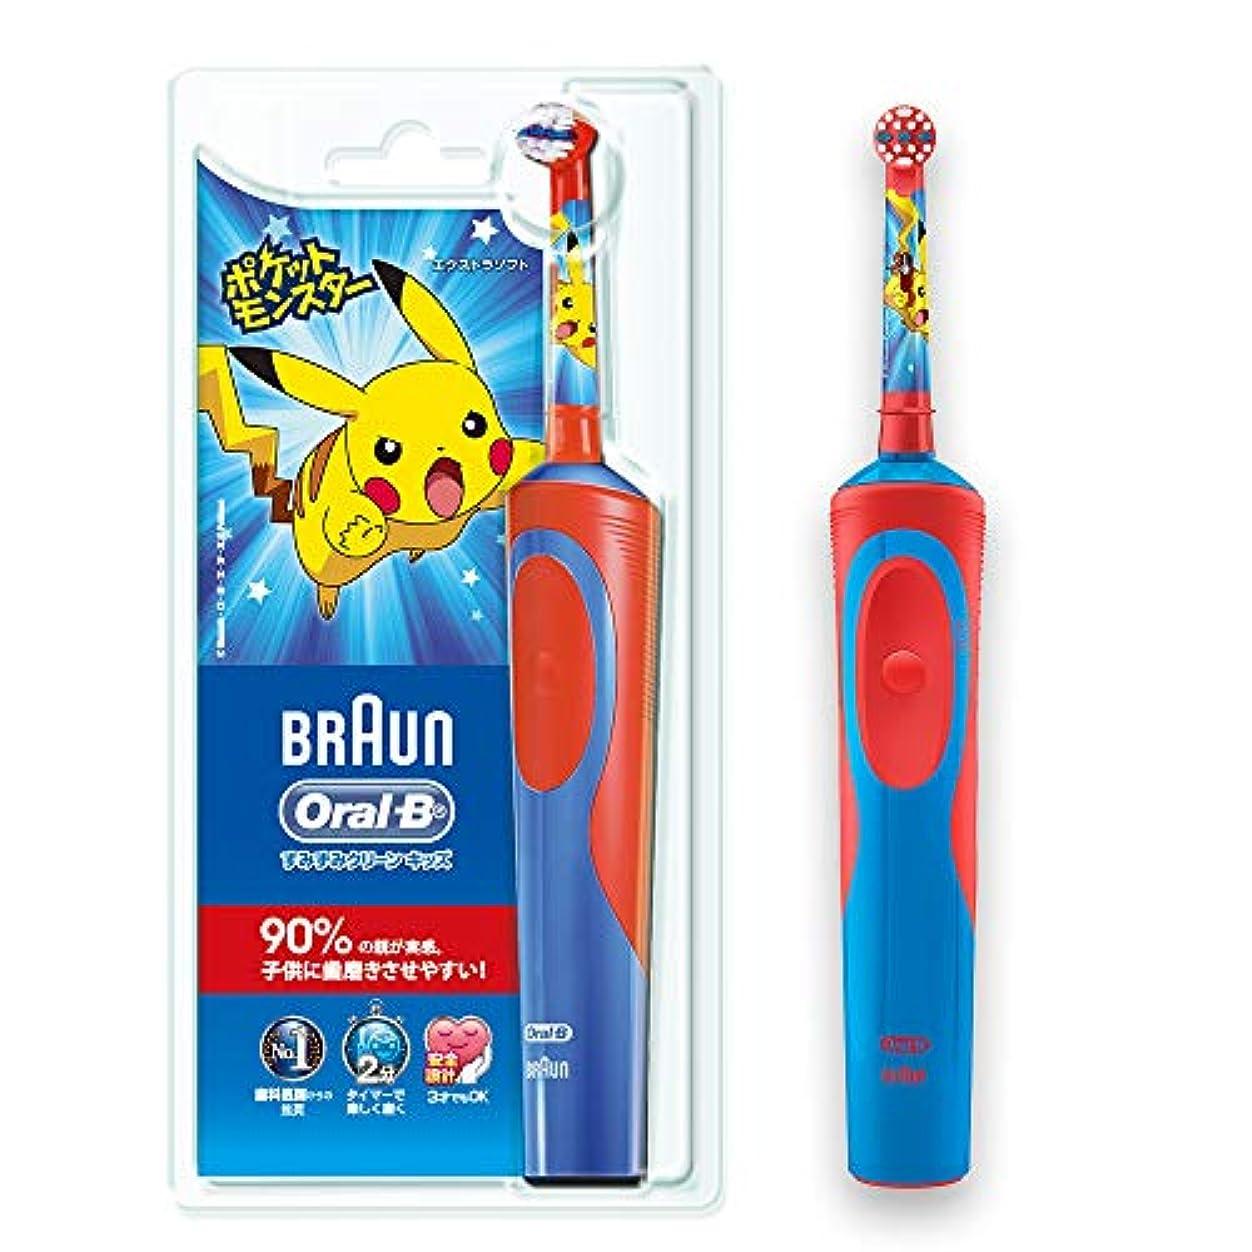 湿ったストレッチ蒸発するブラウン オーラルB 電動歯ブラシ 子供用 D12513KPKMB すみずみクリーンキッズ 本体 レッド ポケモン 歯ブラシ